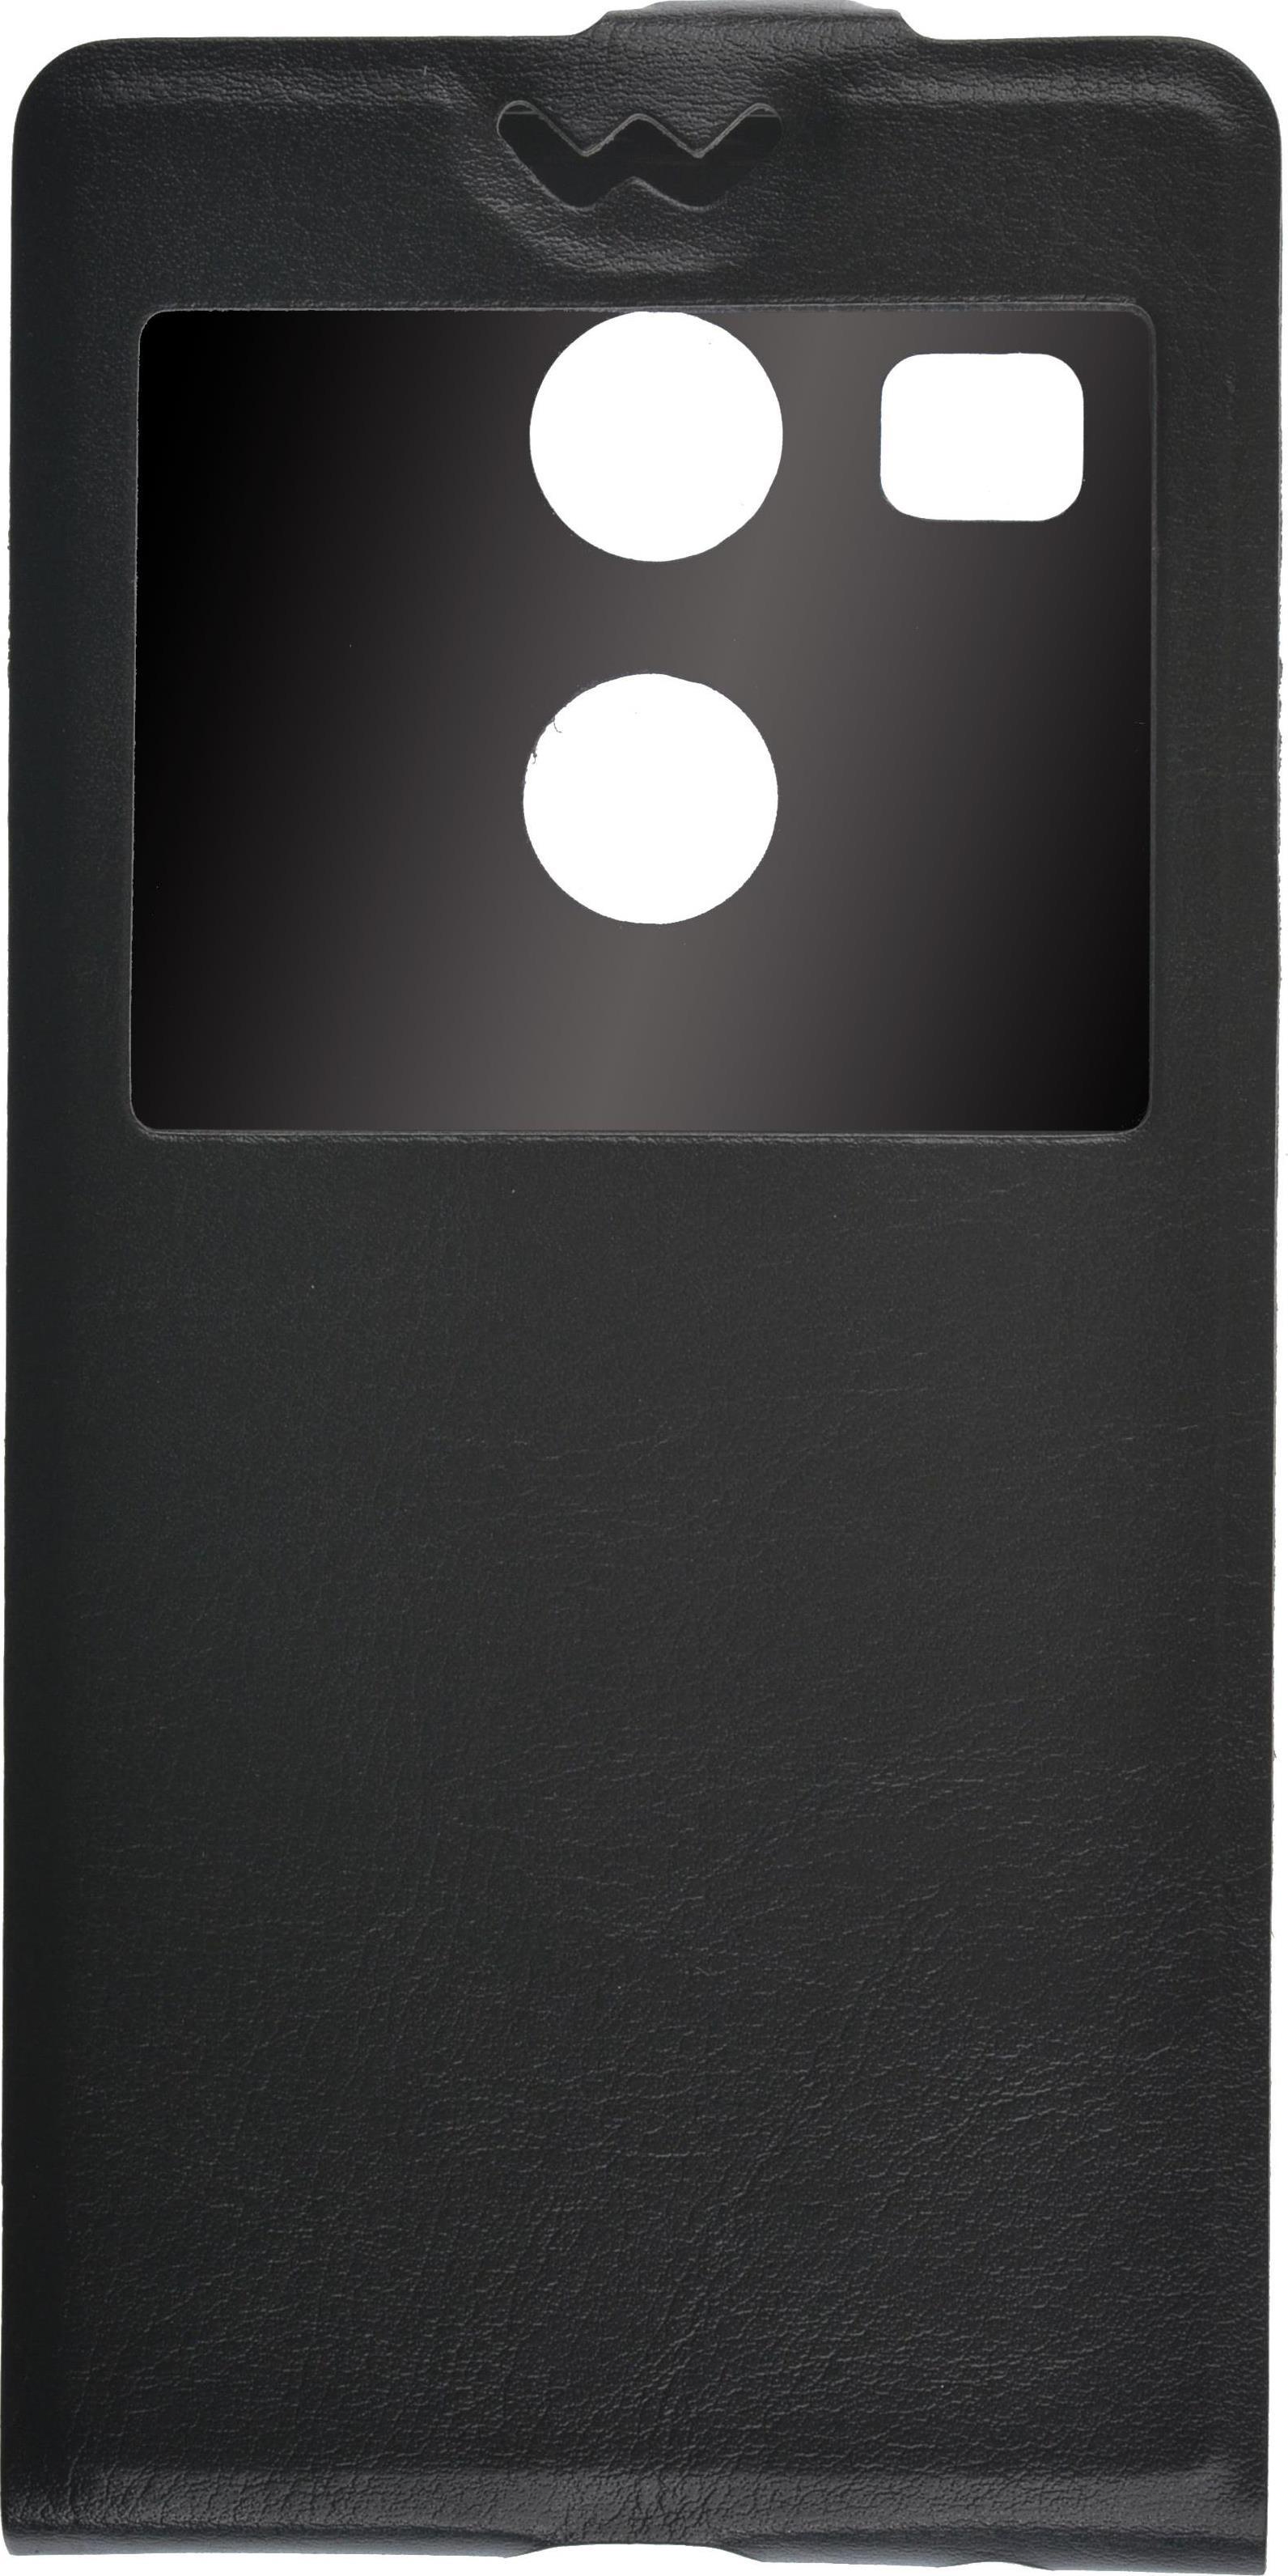 купить Чехол для сотового телефона skinBOX Flip slim, 4630042525214, черный по цене 190 рублей